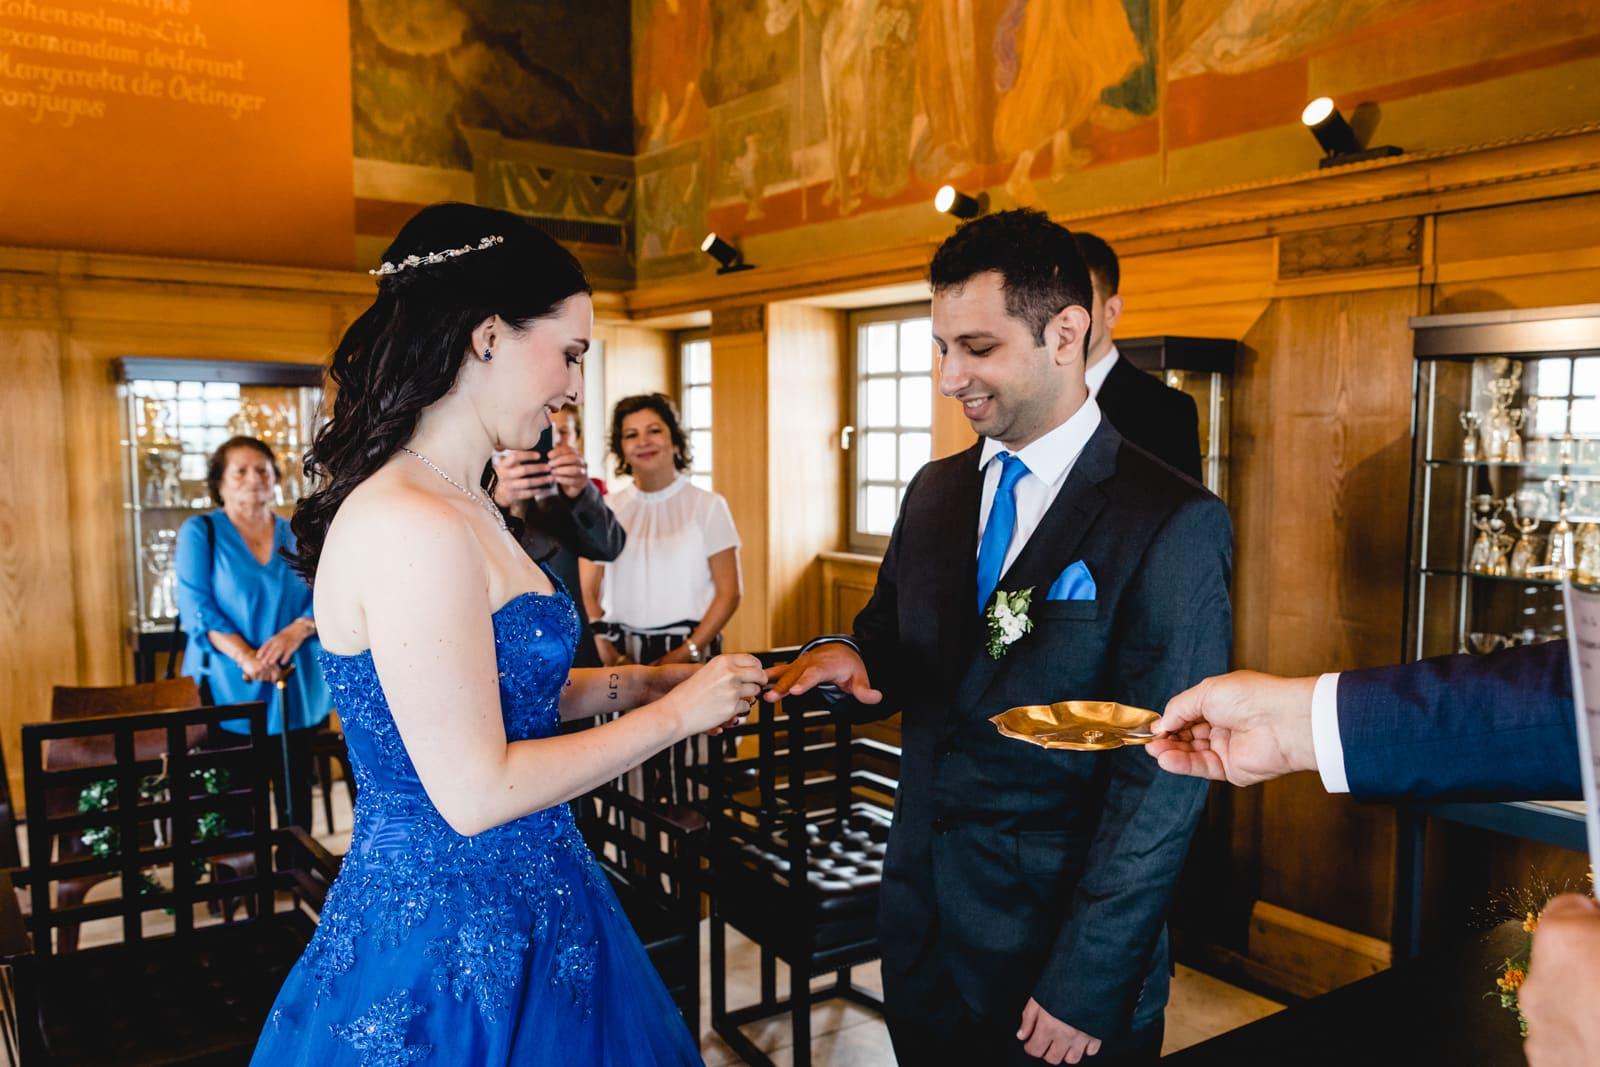 Braut steckt ihrem Bräutigam seinen Ehering an im Hochzeitsturm Darmstadt